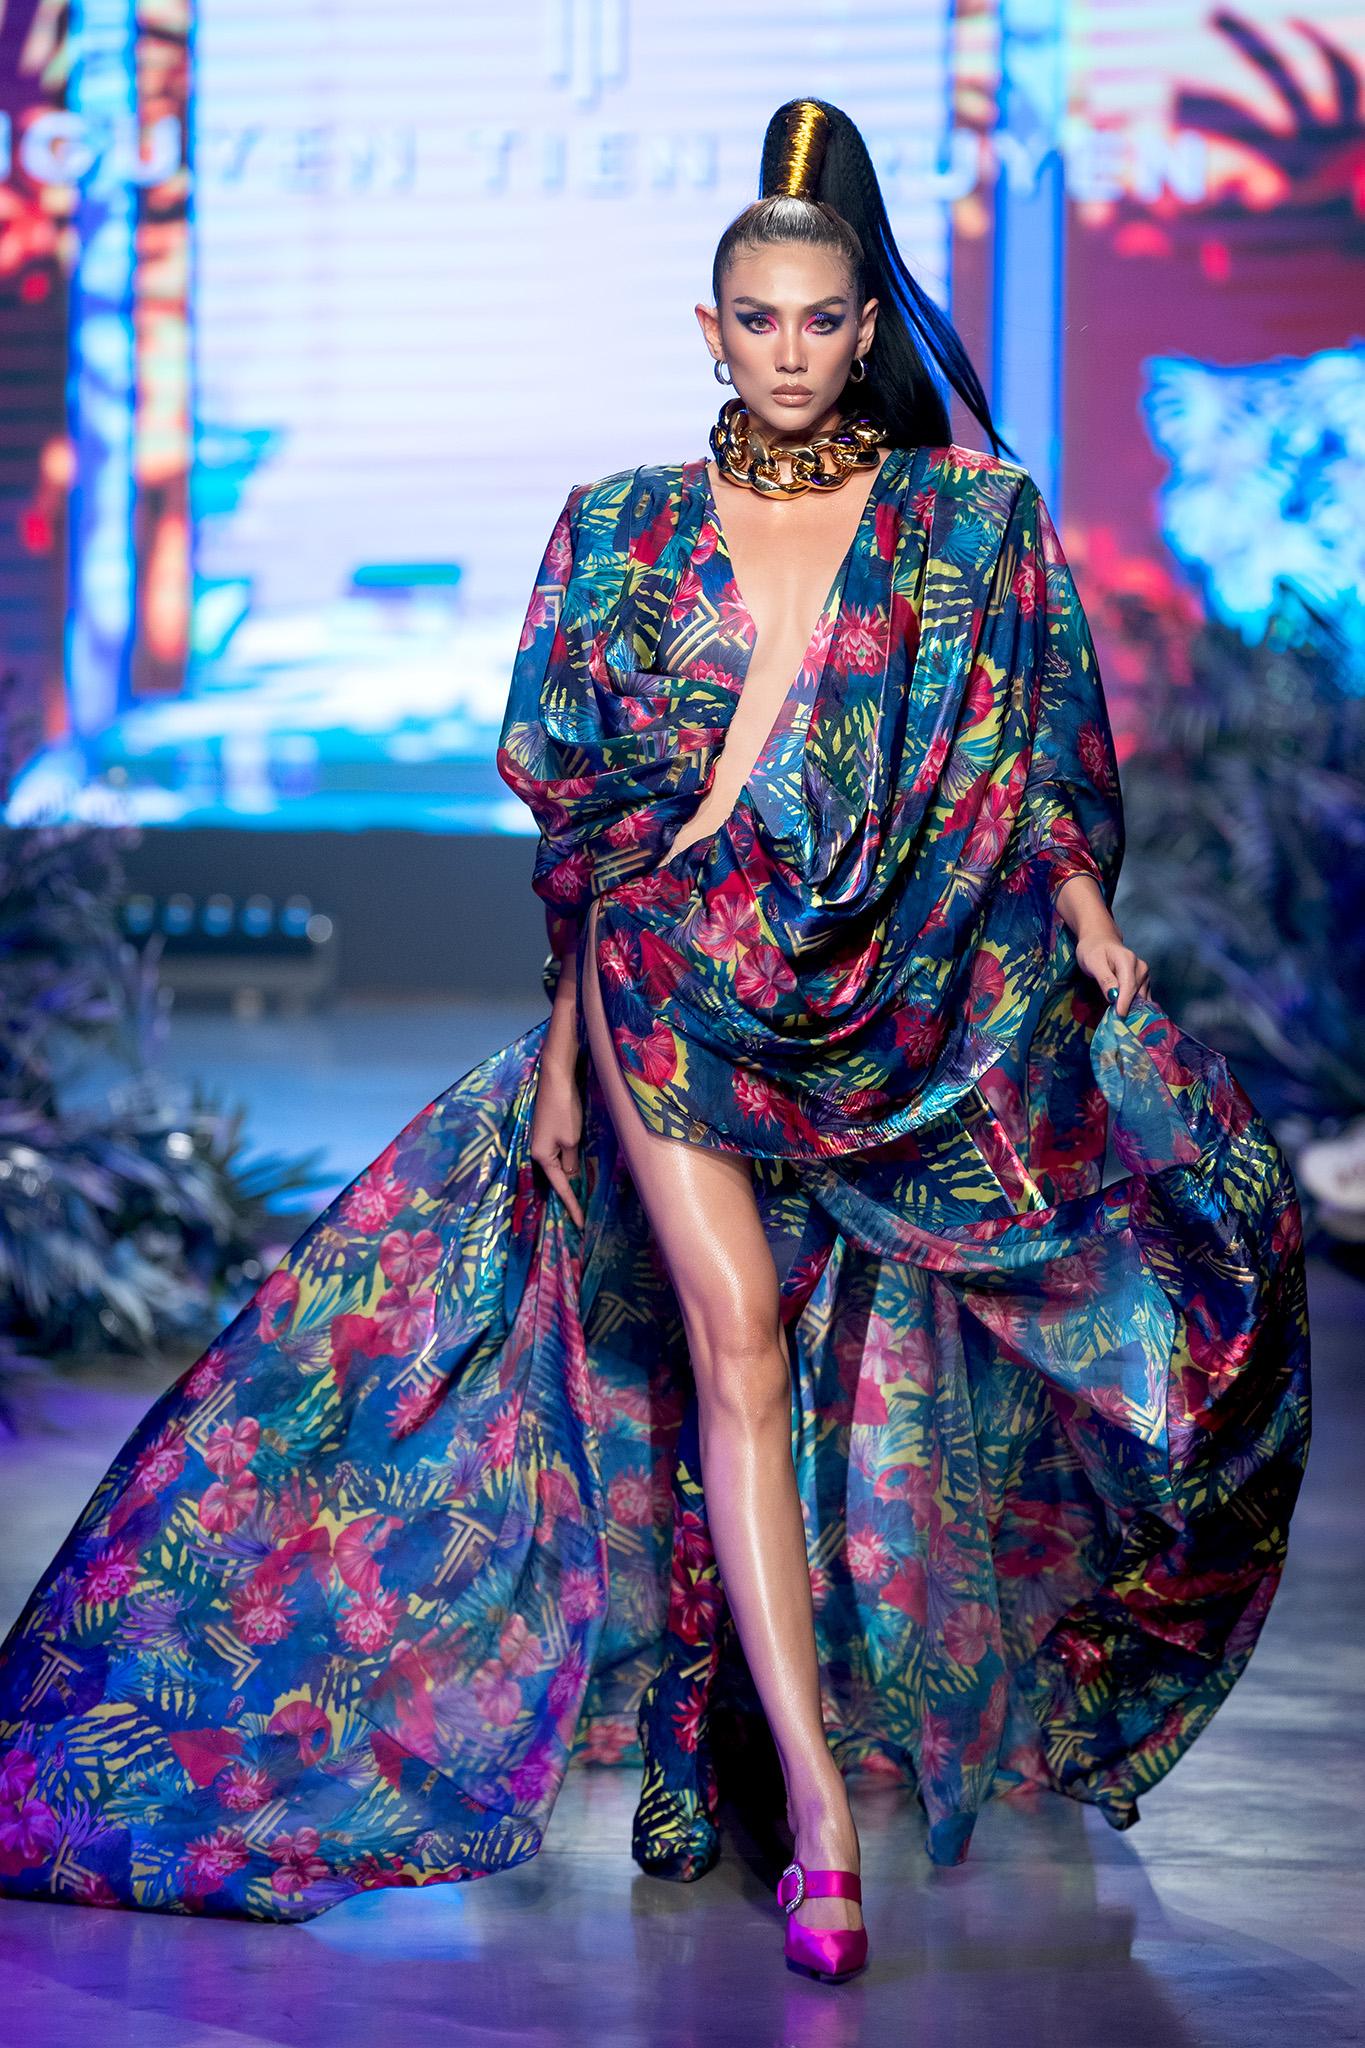 Mẫu nhí Bảo Hà trình diễn với trăn khổng lồ, Á hậu Thúy Vân vừa sinh xong đã diện ngay crop top táo bạo thách thức sàn catwalk của Fashion Festival  - Ảnh 2.